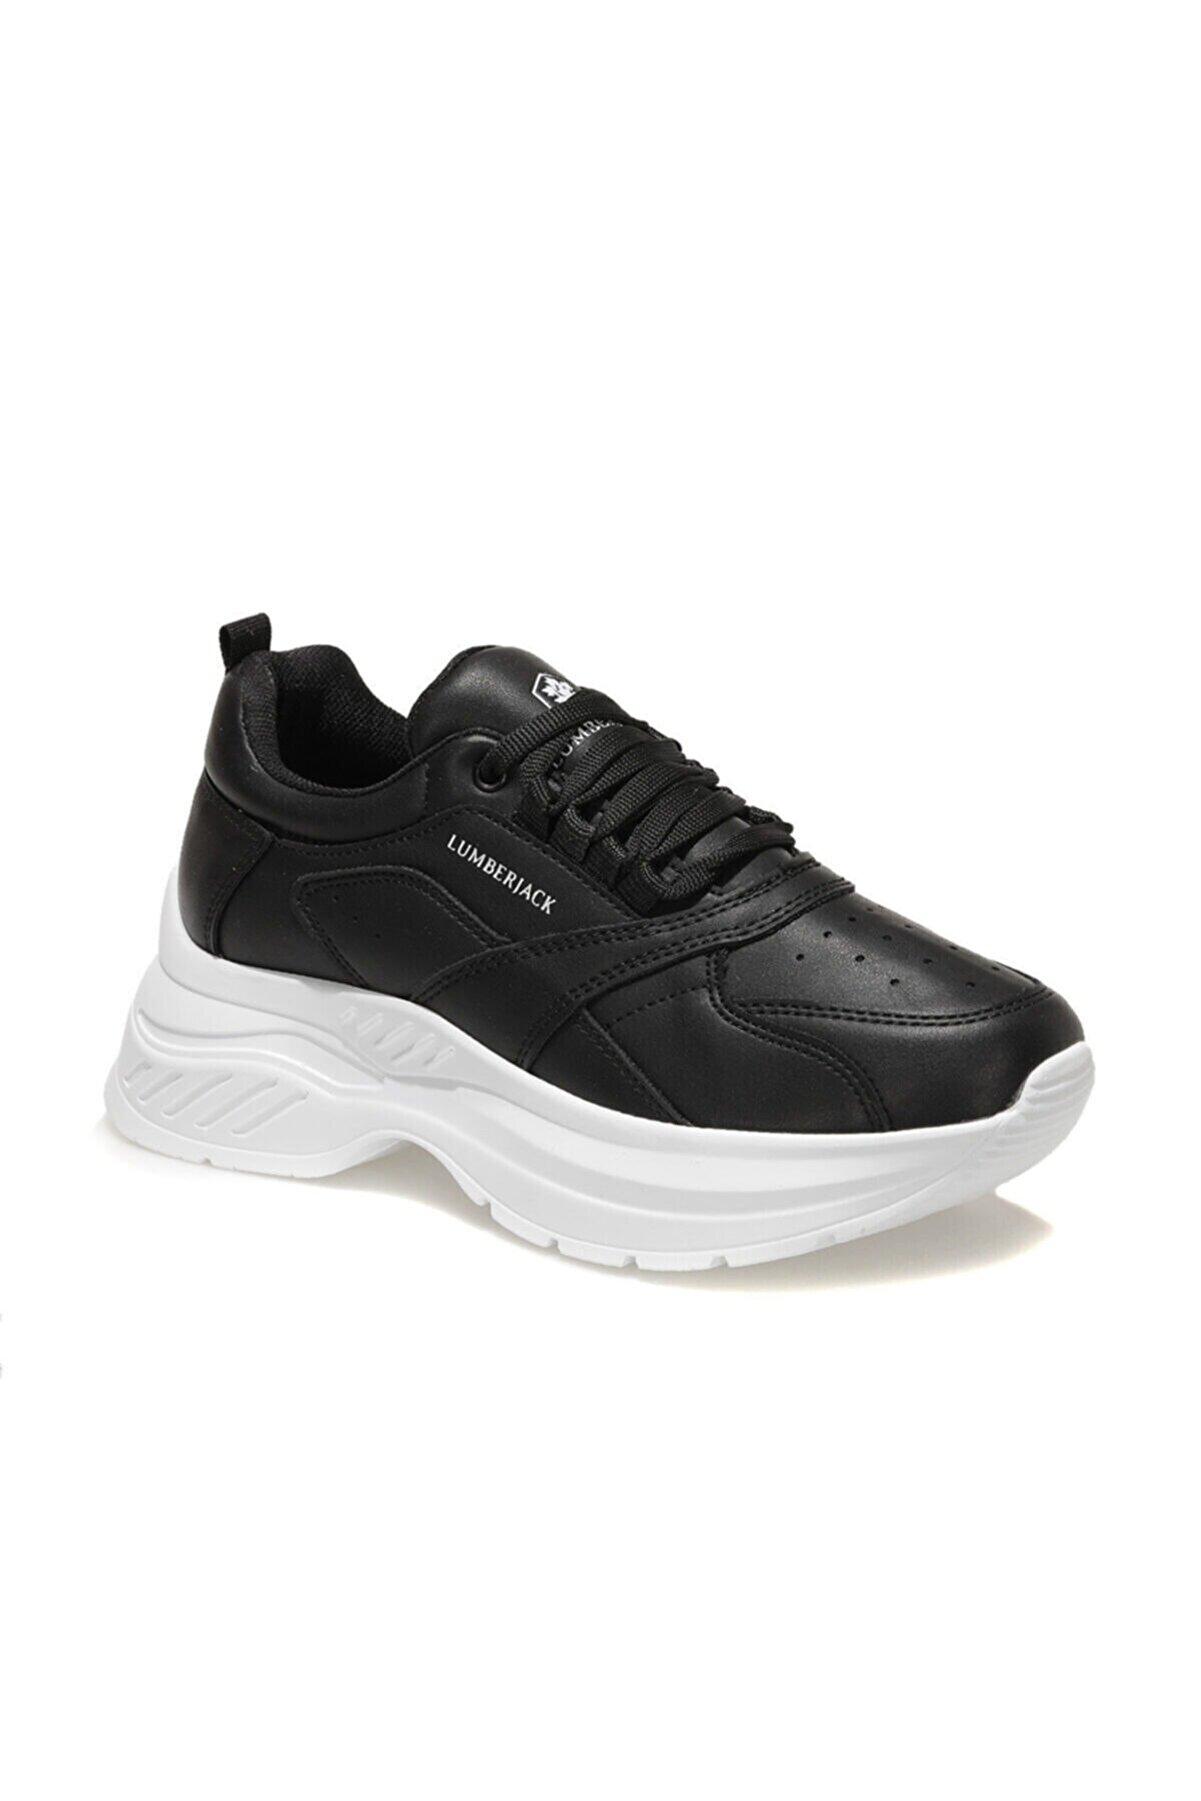 Lumberjack MILENA Siyah Kadın Sneaker Ayakkabı 100663481